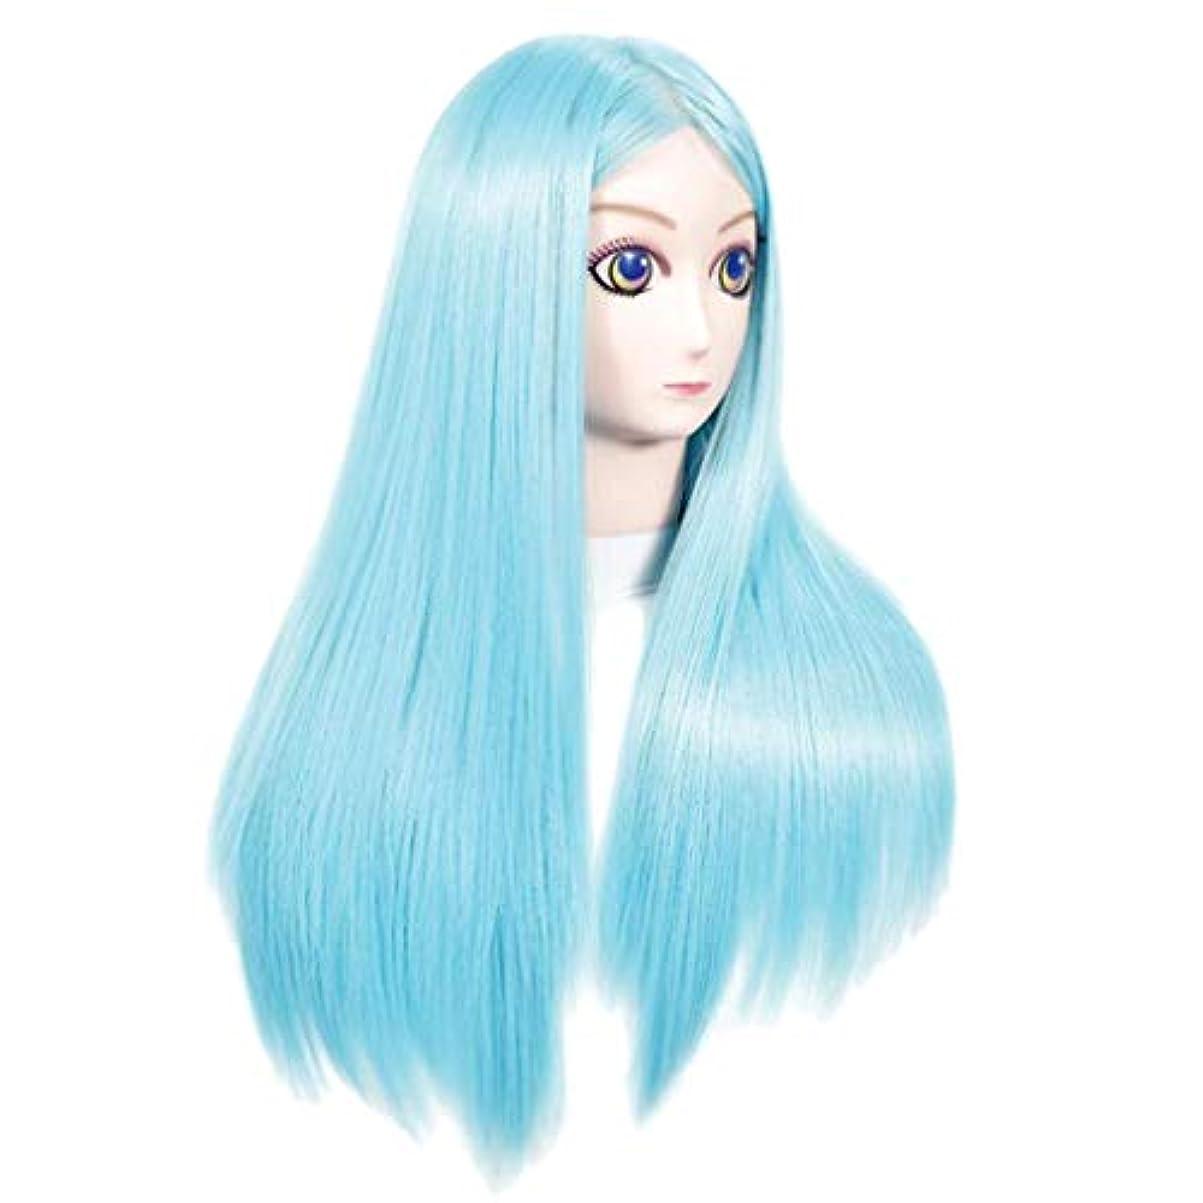 結核排出成功するマネキンヘッド ウィッグ 合成かつら 理髪実践 トレーニング 練習スタンド 全2色 - ライトブルー